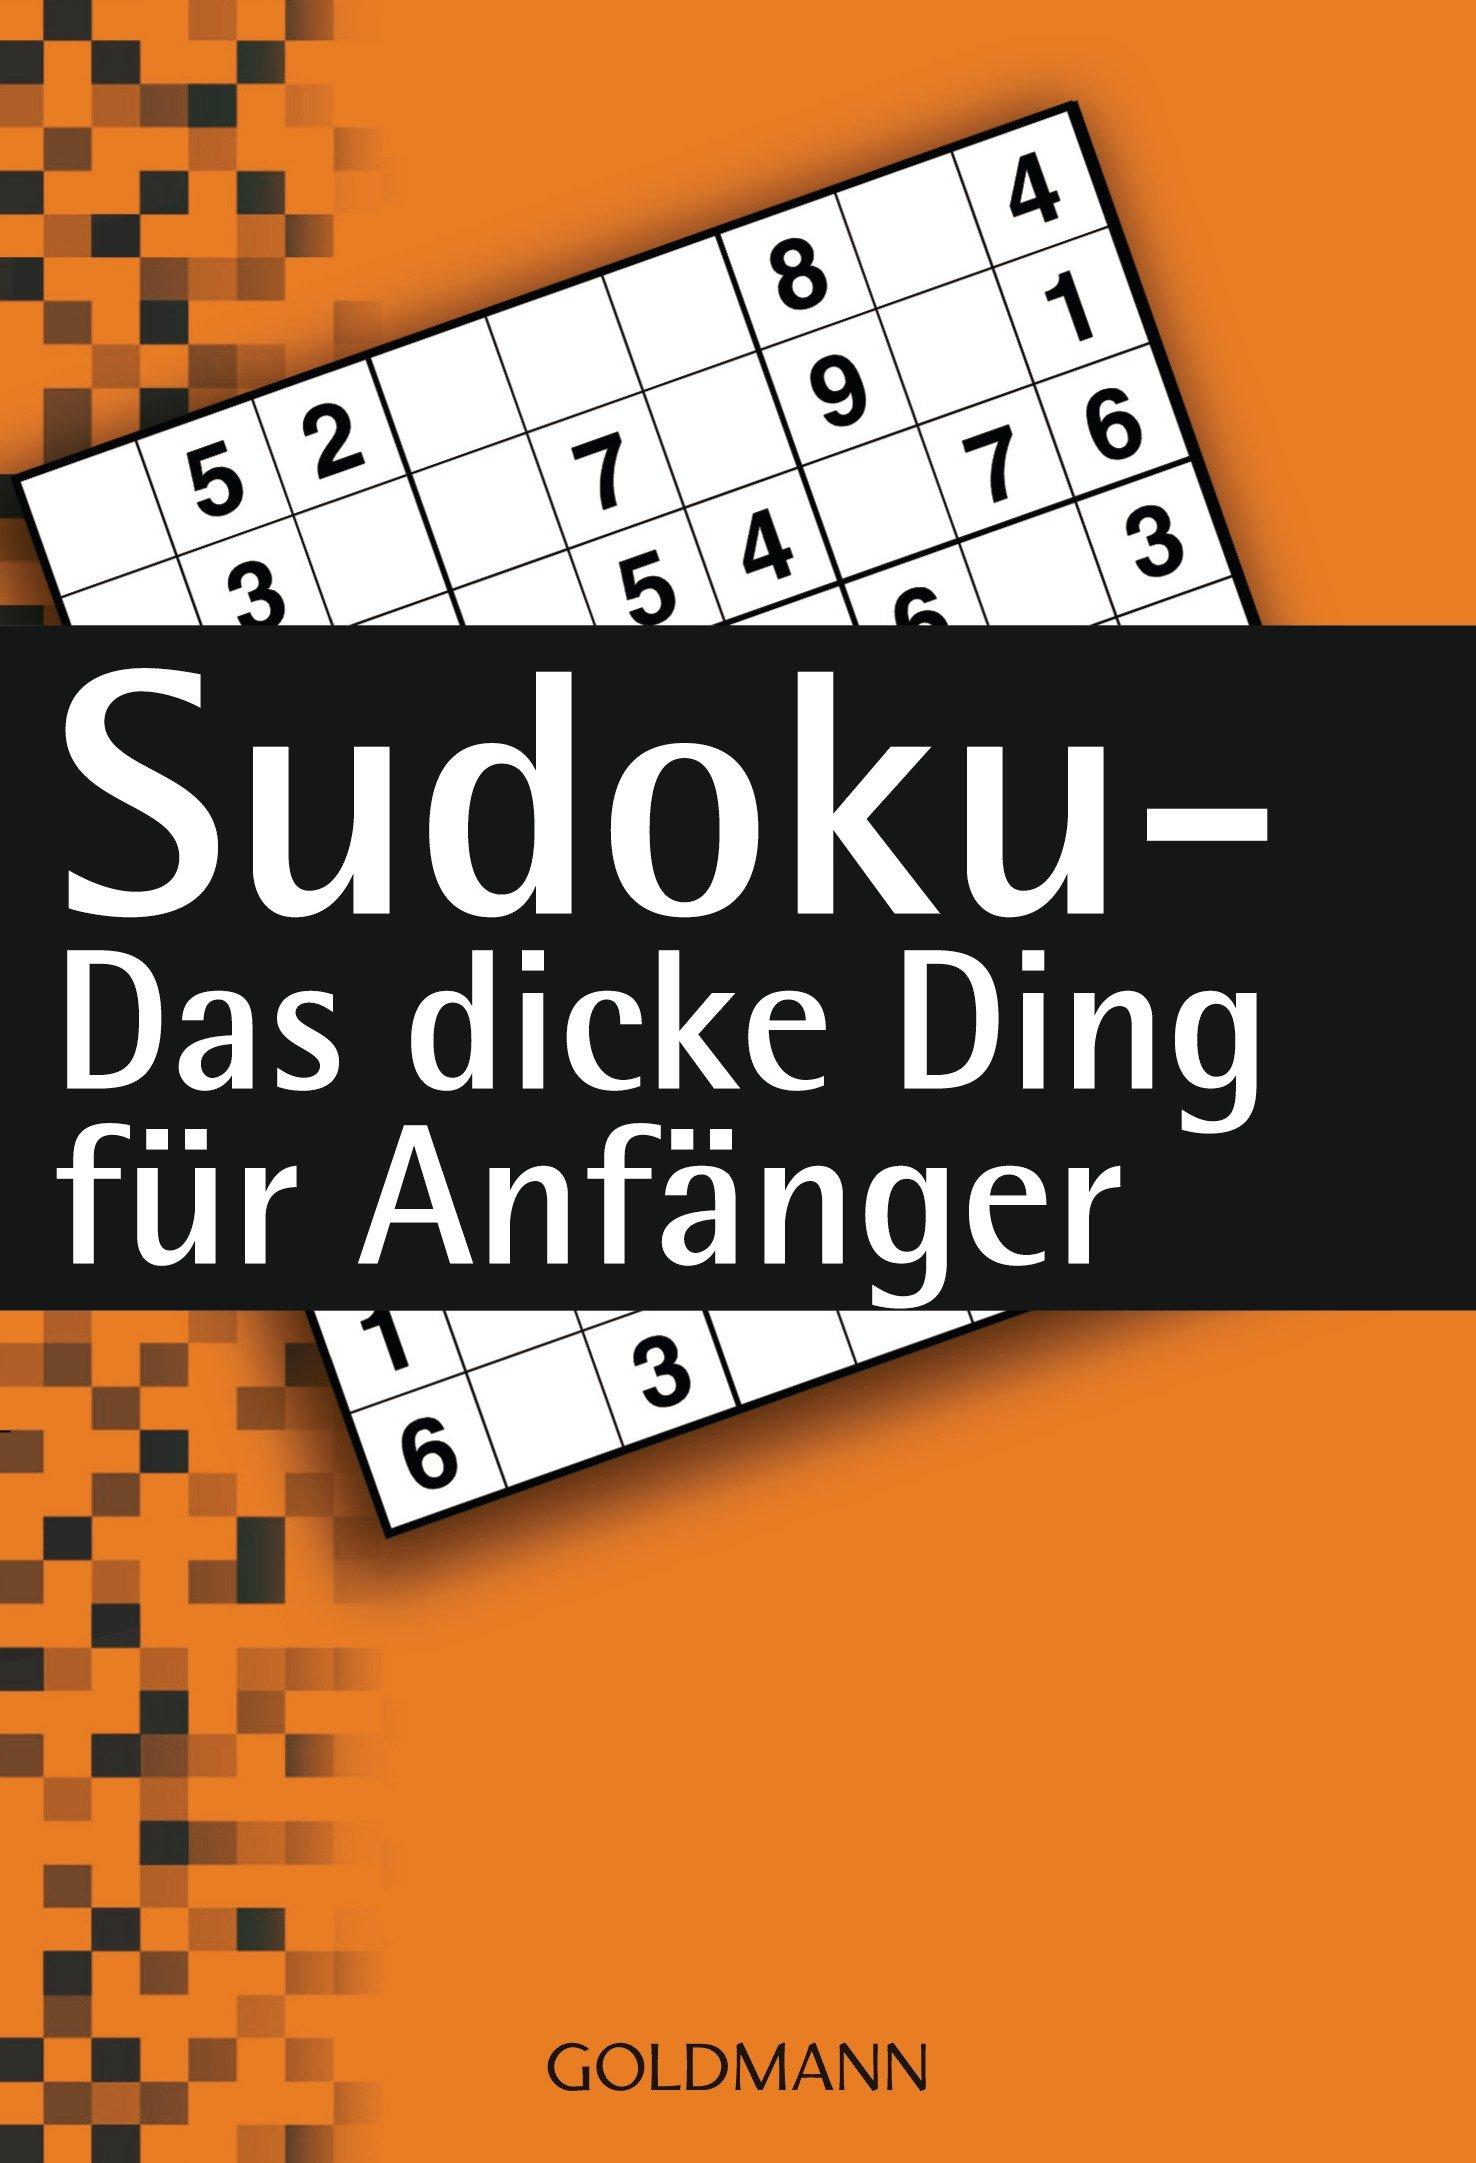 Sudoku - Das dicke Ding für Anfänger